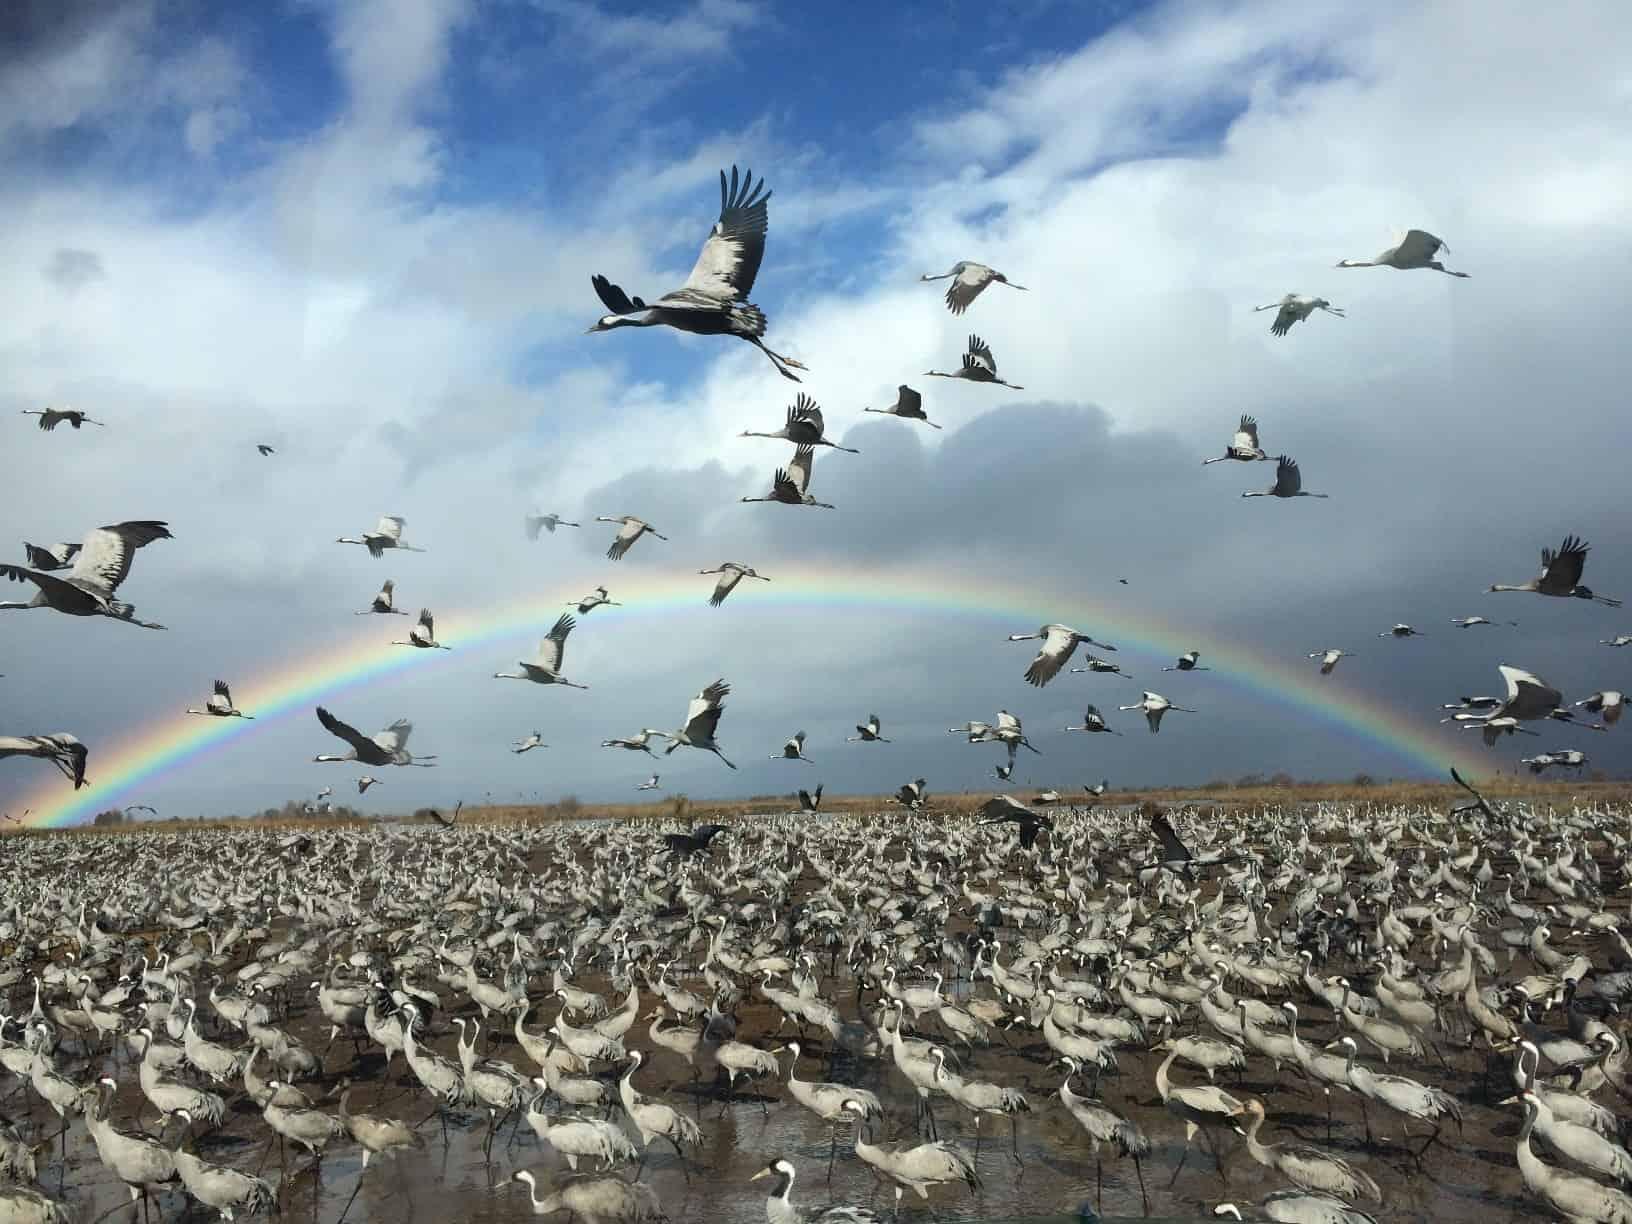 גליליון_לעוף עם הטבע_צילום- עינבר אלדר